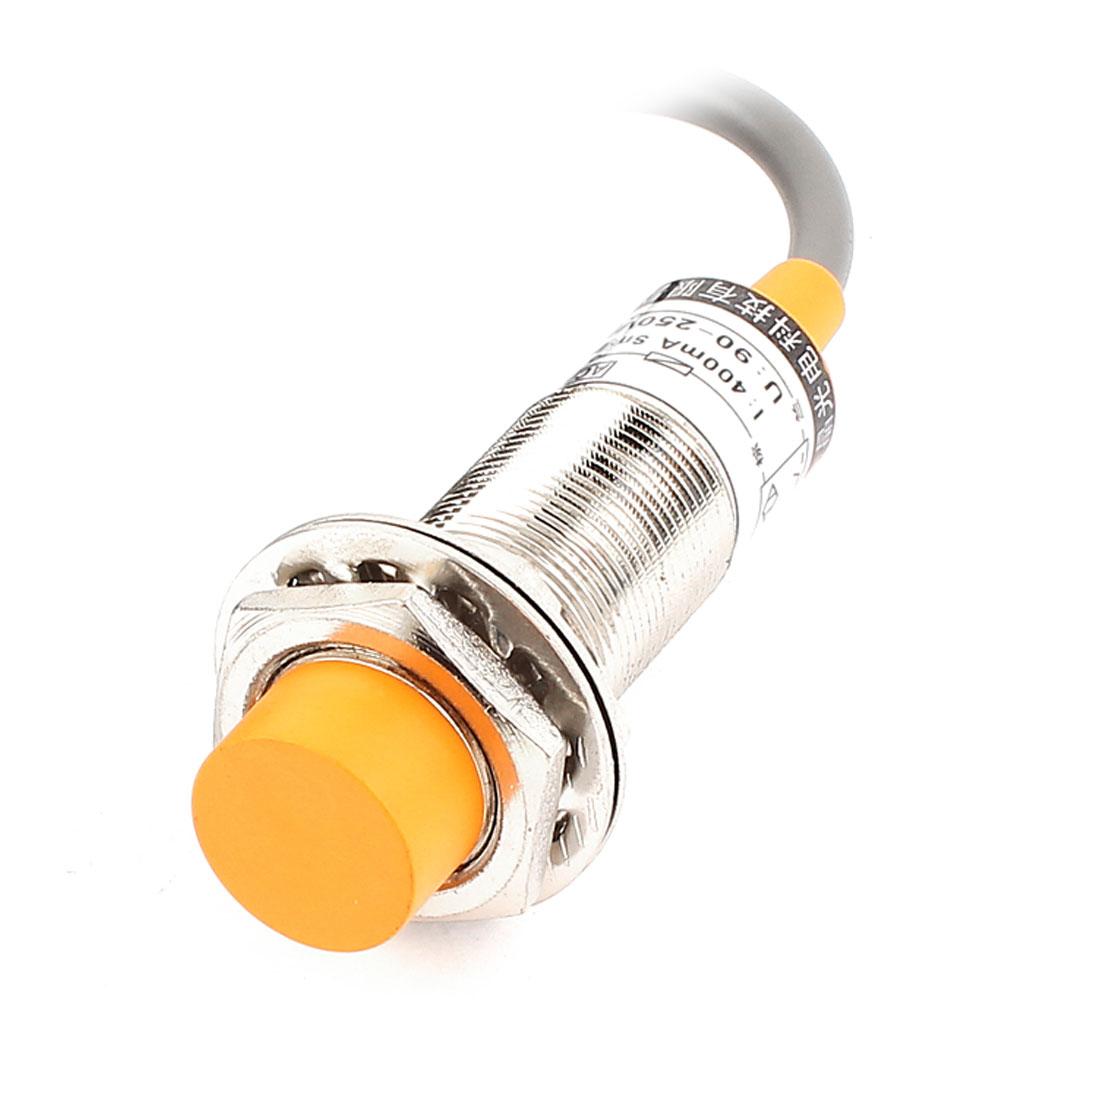 LJ18A3-8-J/EZ NO 8mm Detection Distance Inductive Sensor Proximity Switch